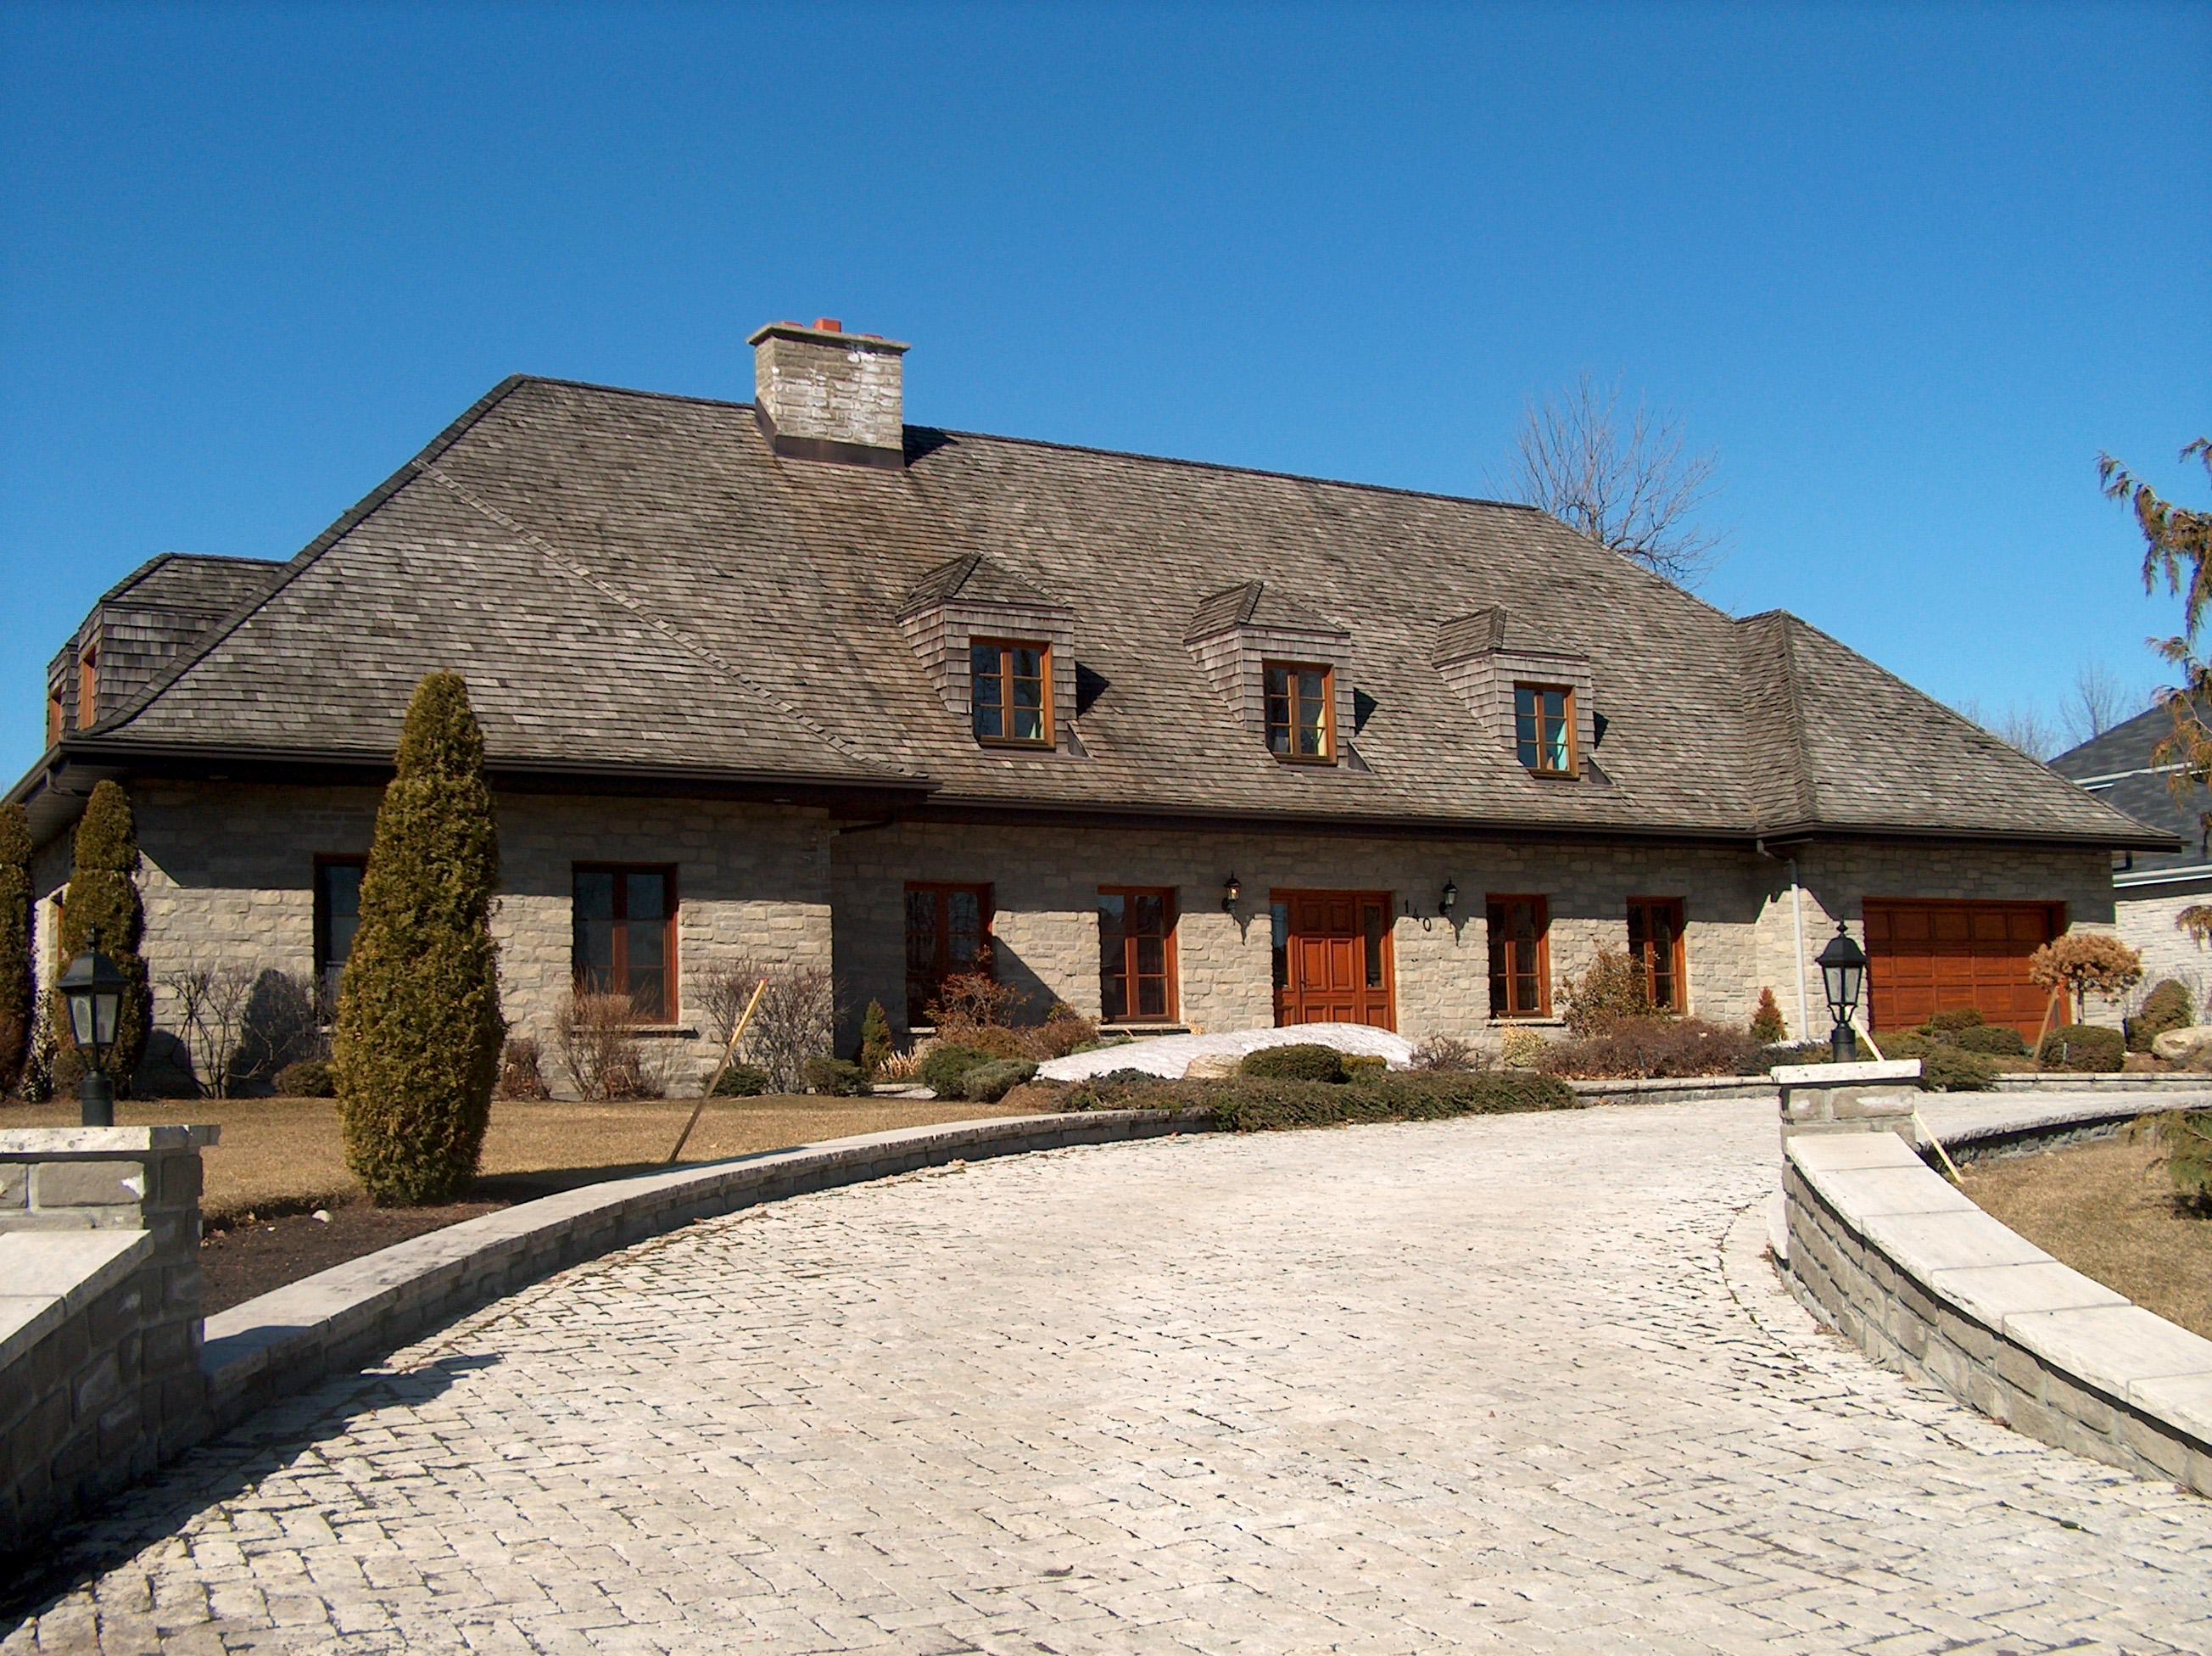 Fotos de exterior de Casas Canadienses Construcciones Canadienses